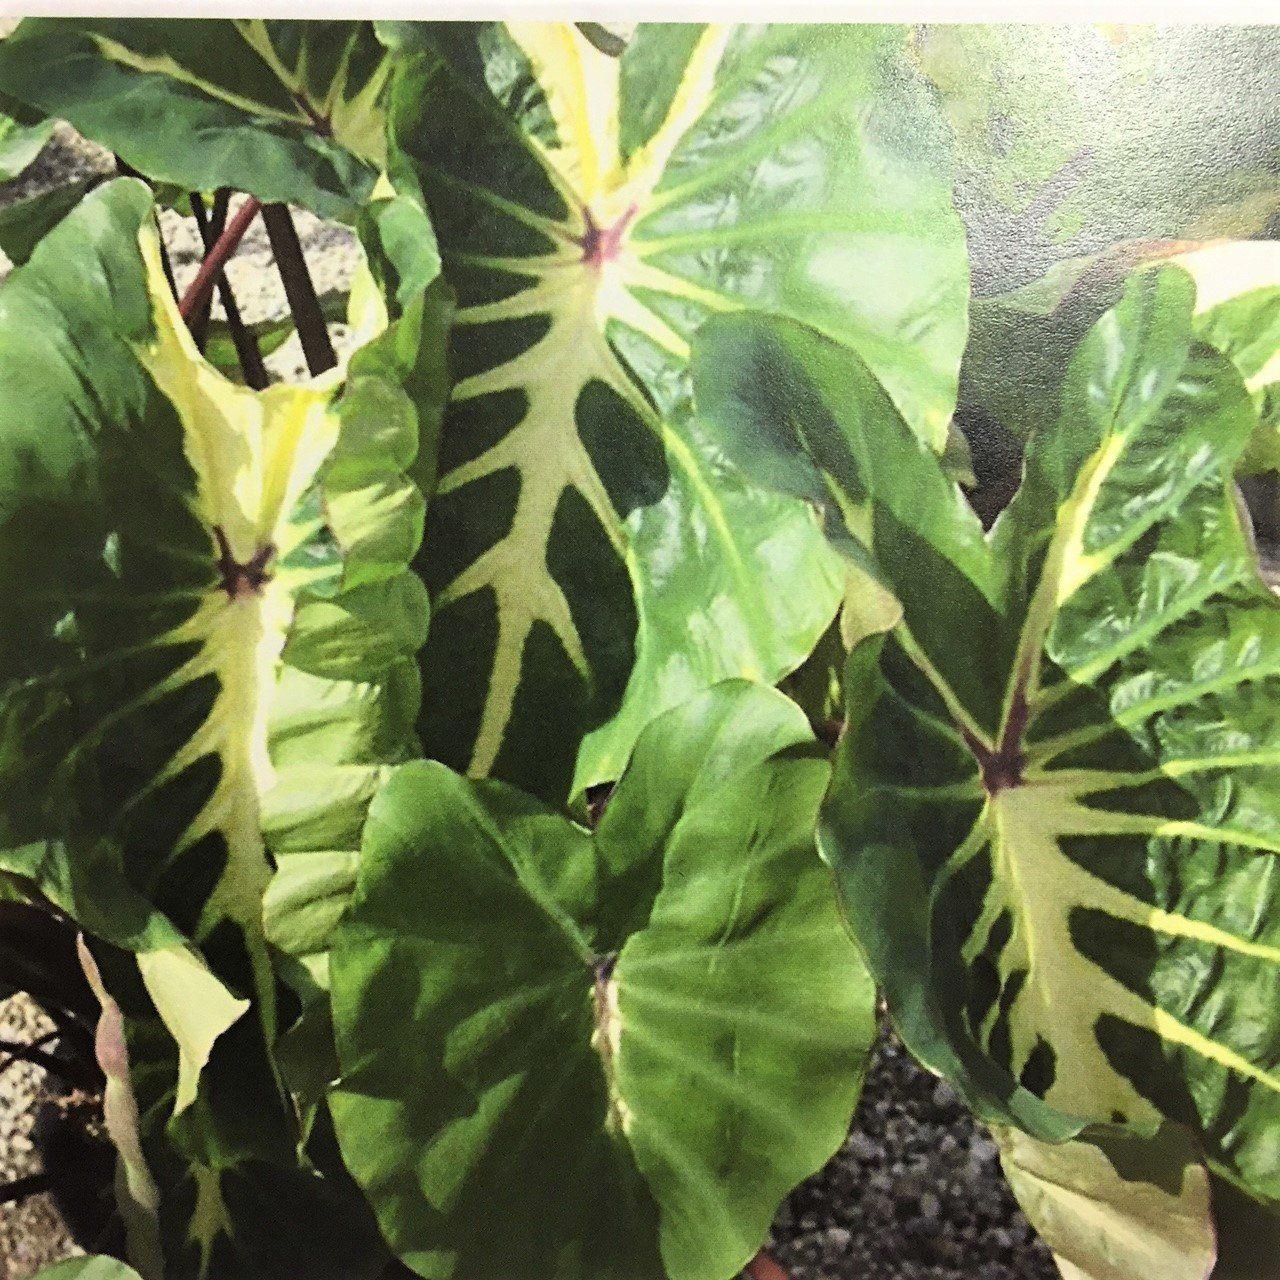 Black Magic Elephant Ear Bulbs Perennial Colocasia Tropical Rare Plant Easy Care